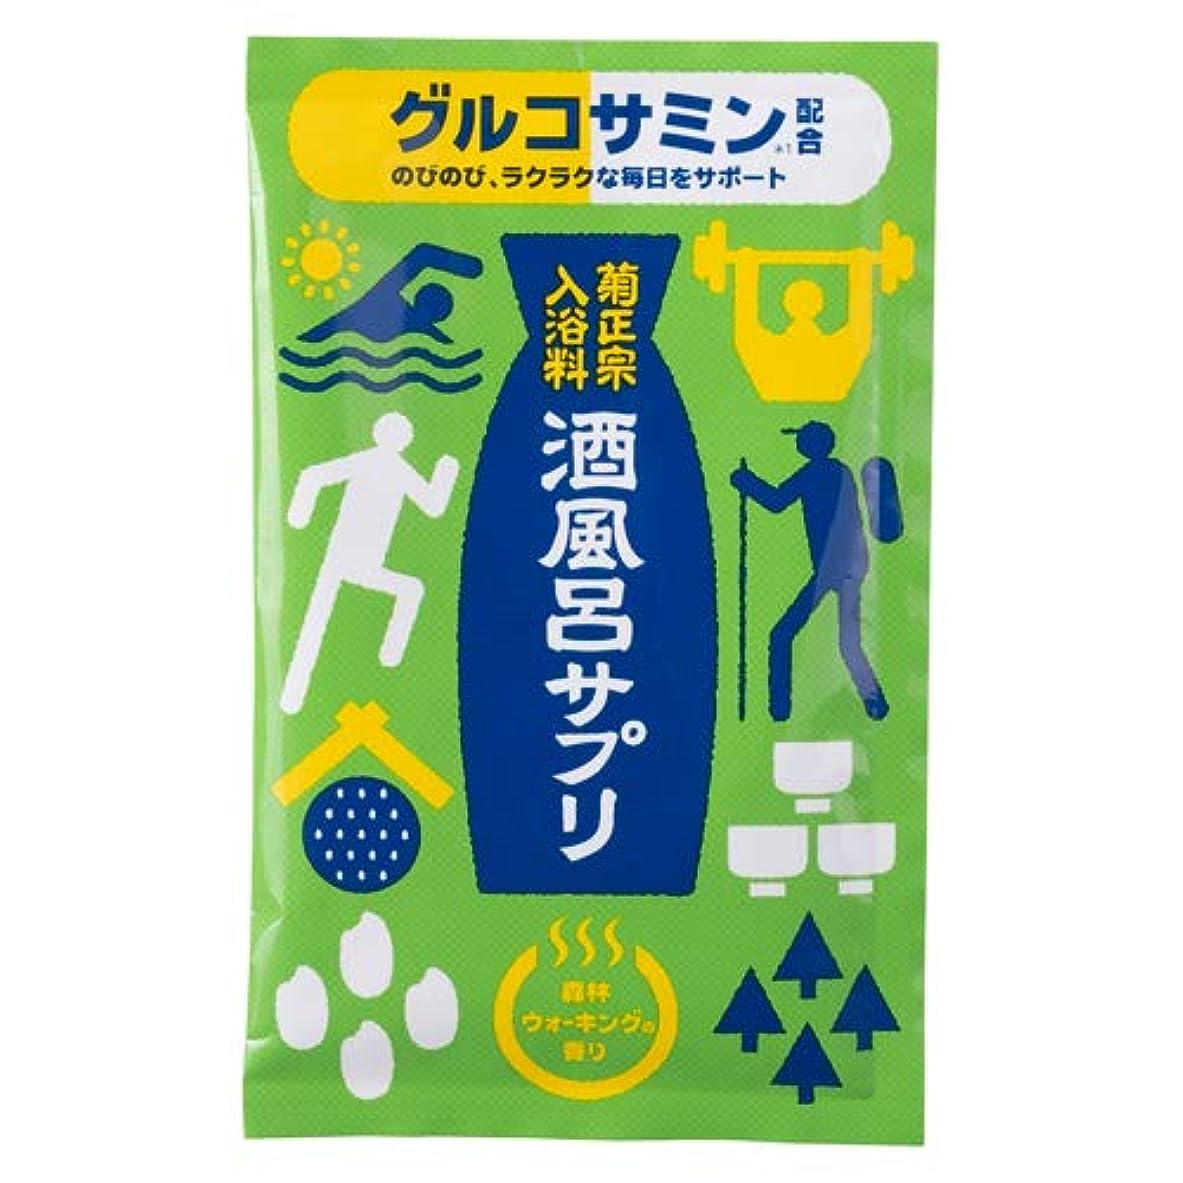 ハンカチ国歌襟菊正宗 入浴料 酒風呂サプリ グルコサミン